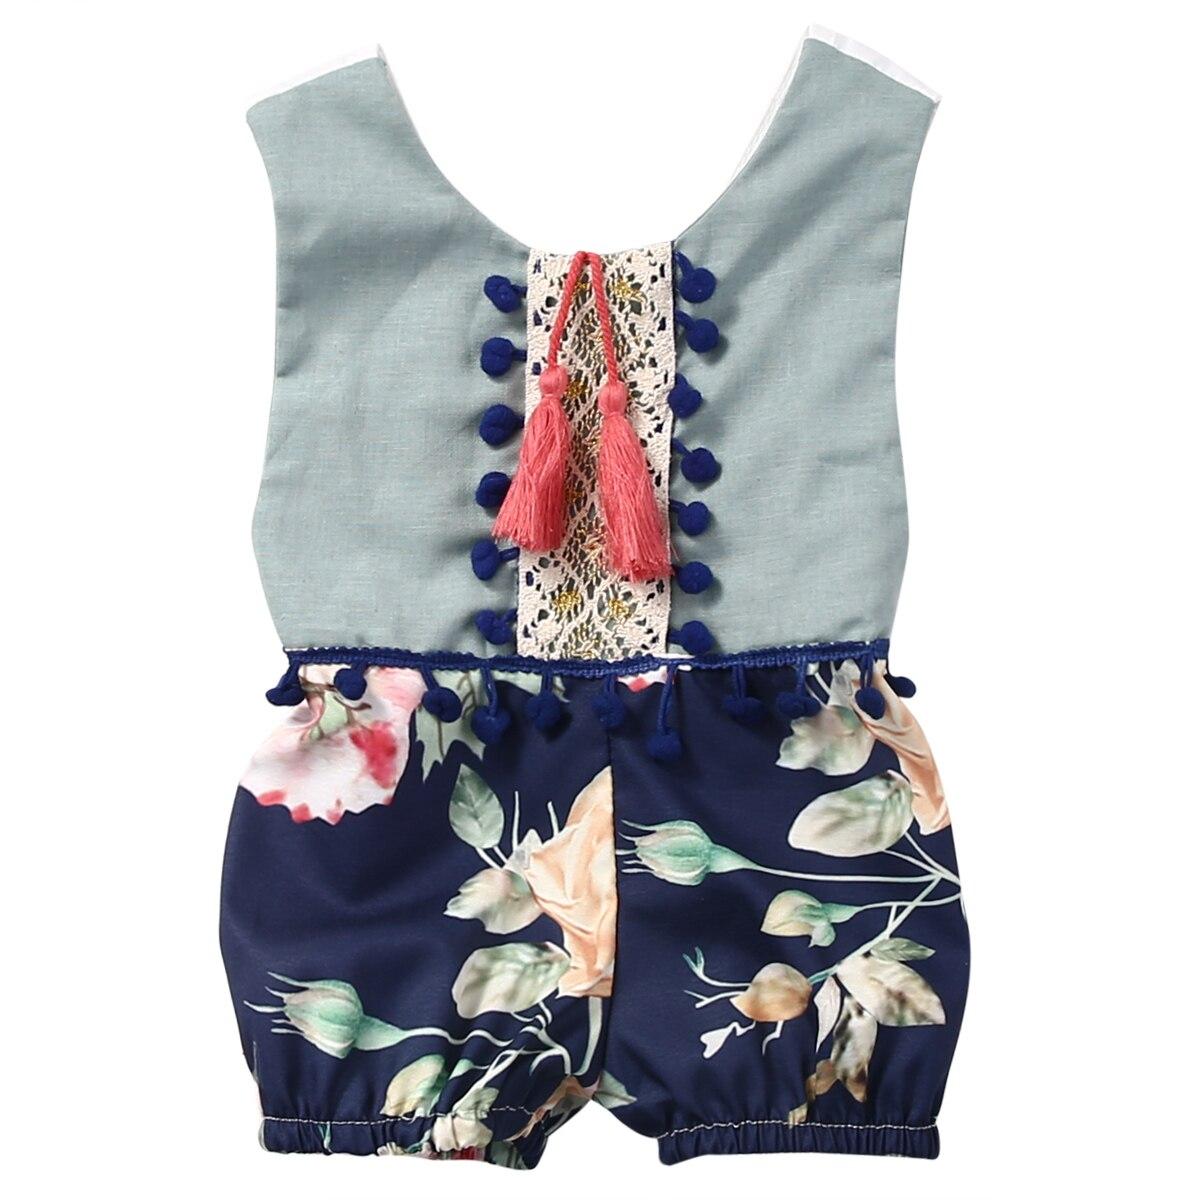 0-4y Kleinkind Kinder Mädchen Kleidung Sleeveless Floral Strampler Baby Strampler Overall Ein Stück Outfit Kinder Trainingsanzug